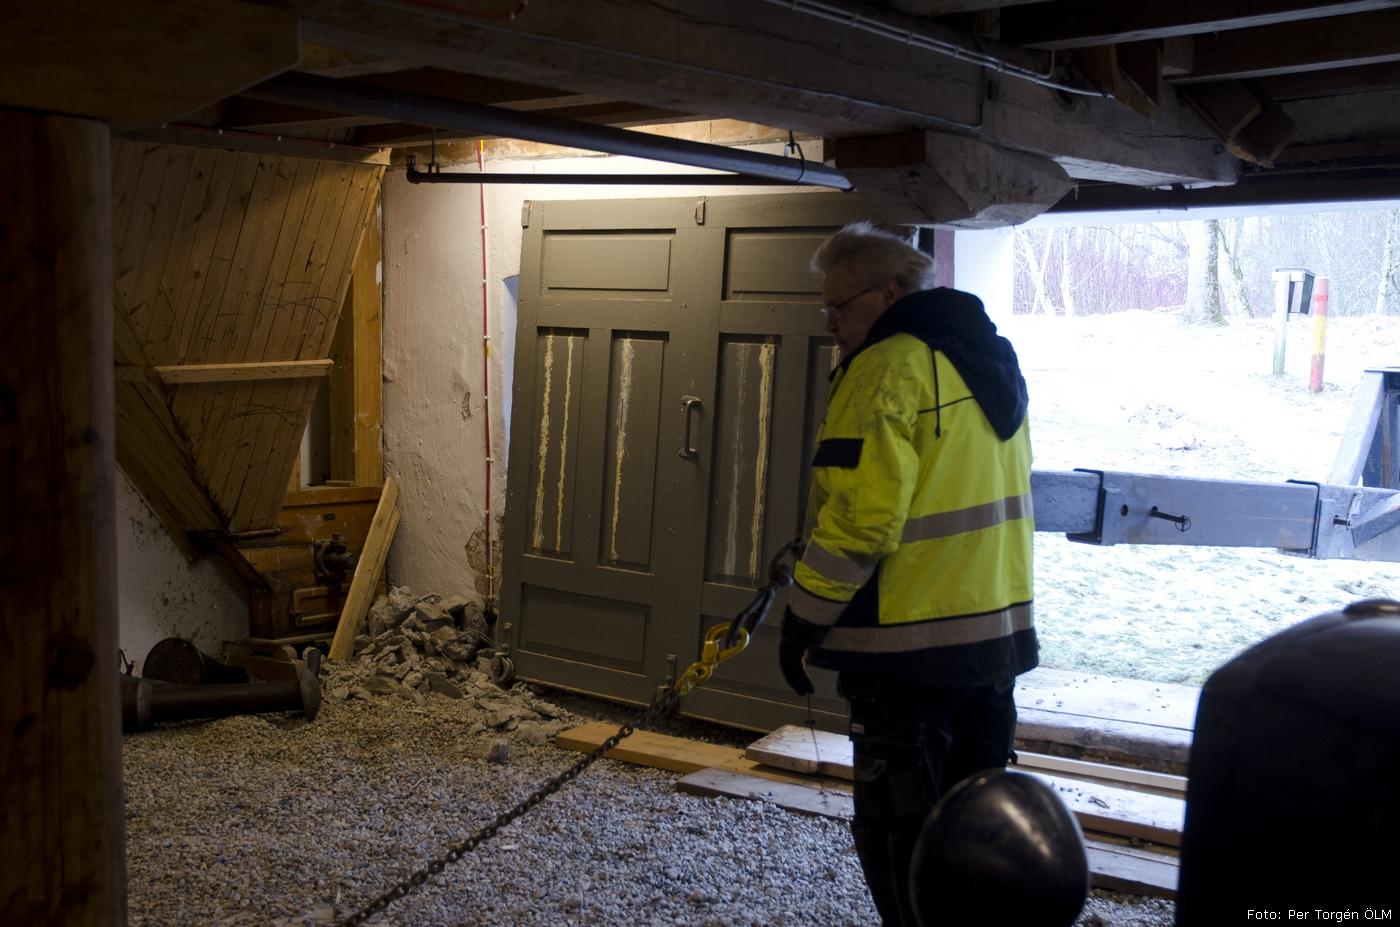 2012-02-10_089_Tekniska_kvarnen